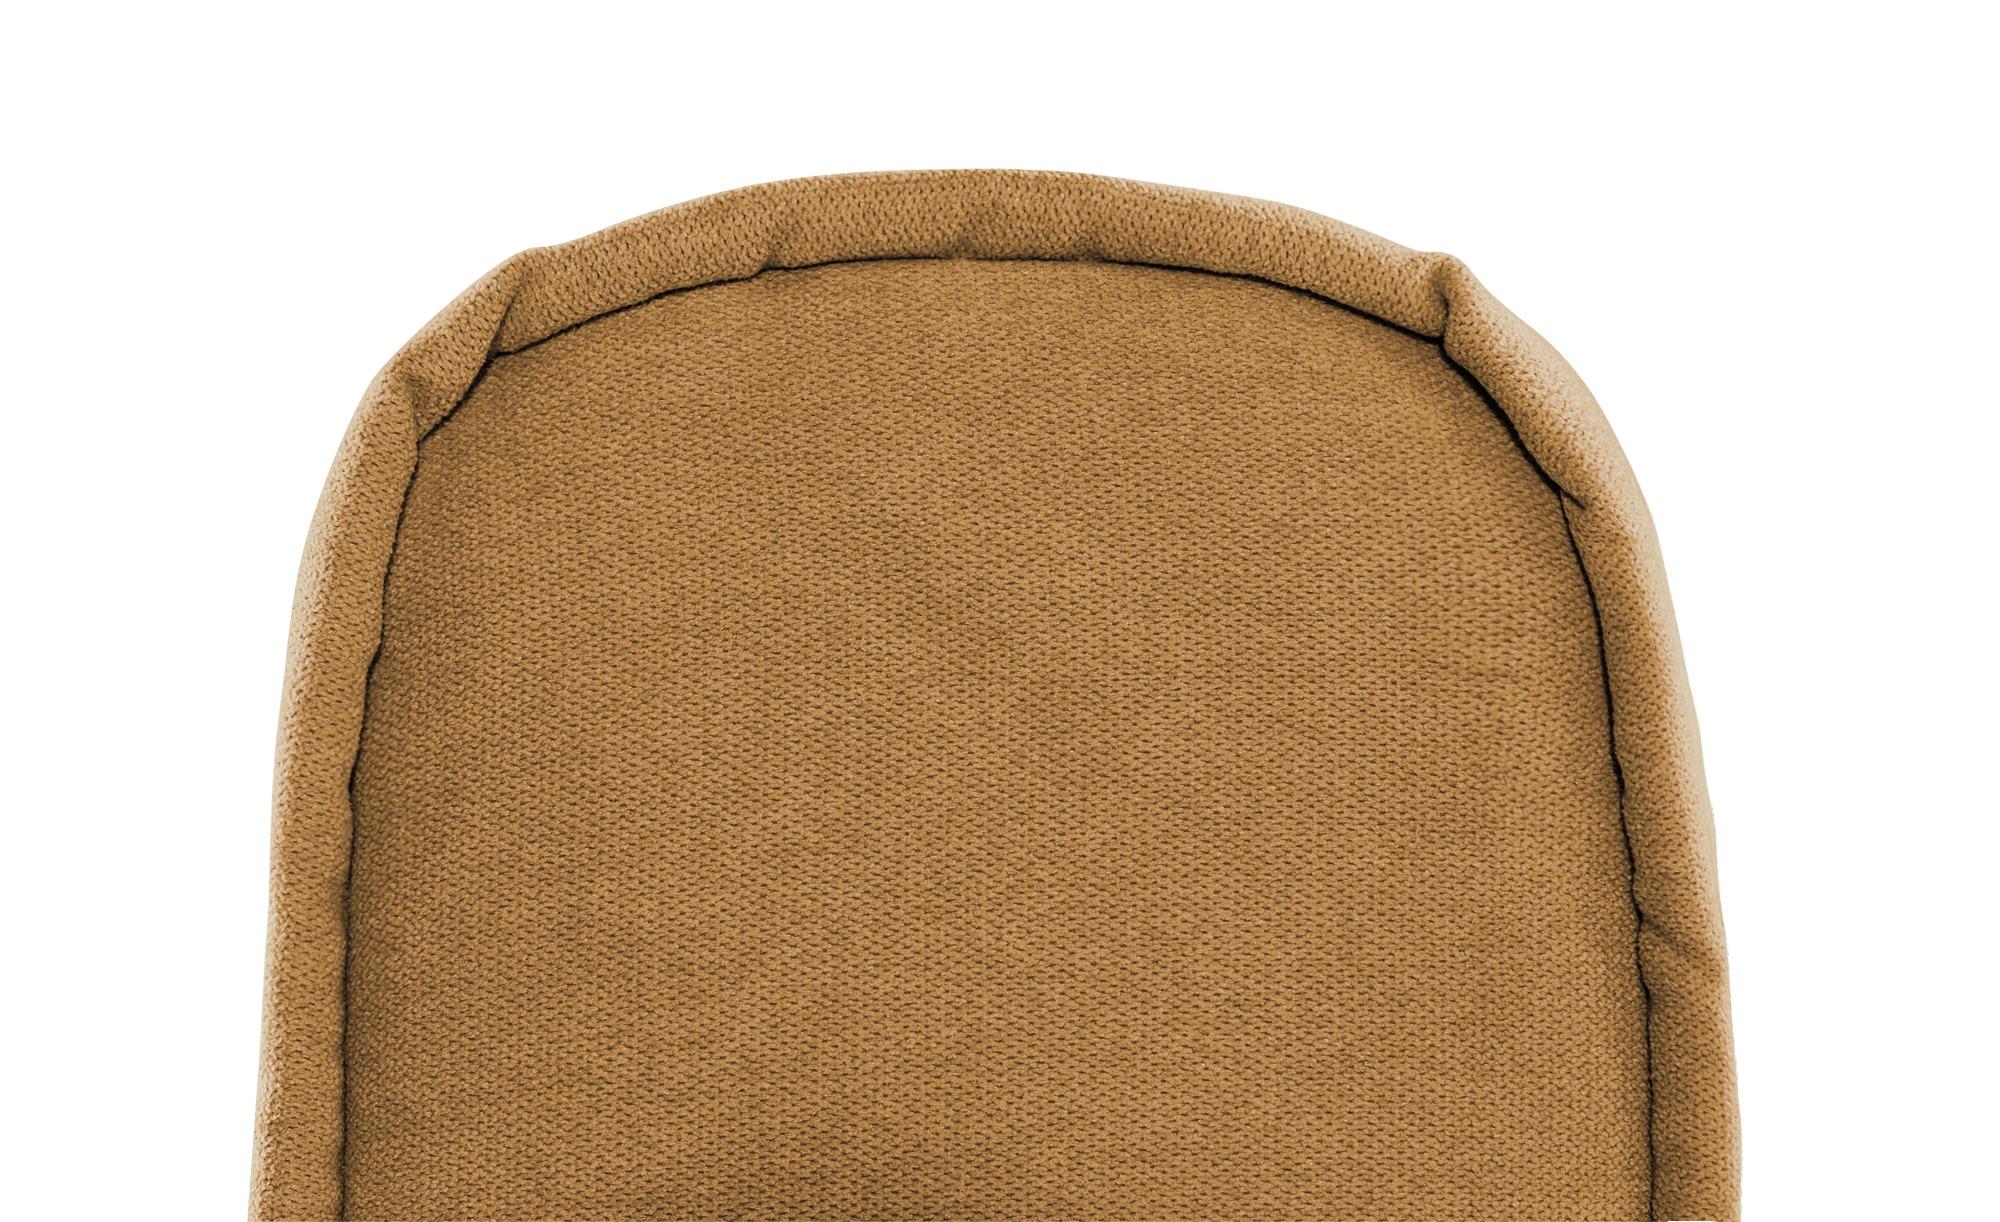 smart Schlafsofa ocker - Webstoff Alina ¦ orange ¦ Maße (cm): B: 200 H: 90 T: 100 Polstermöbel > Sofas > 2-Sitzer - Höffner